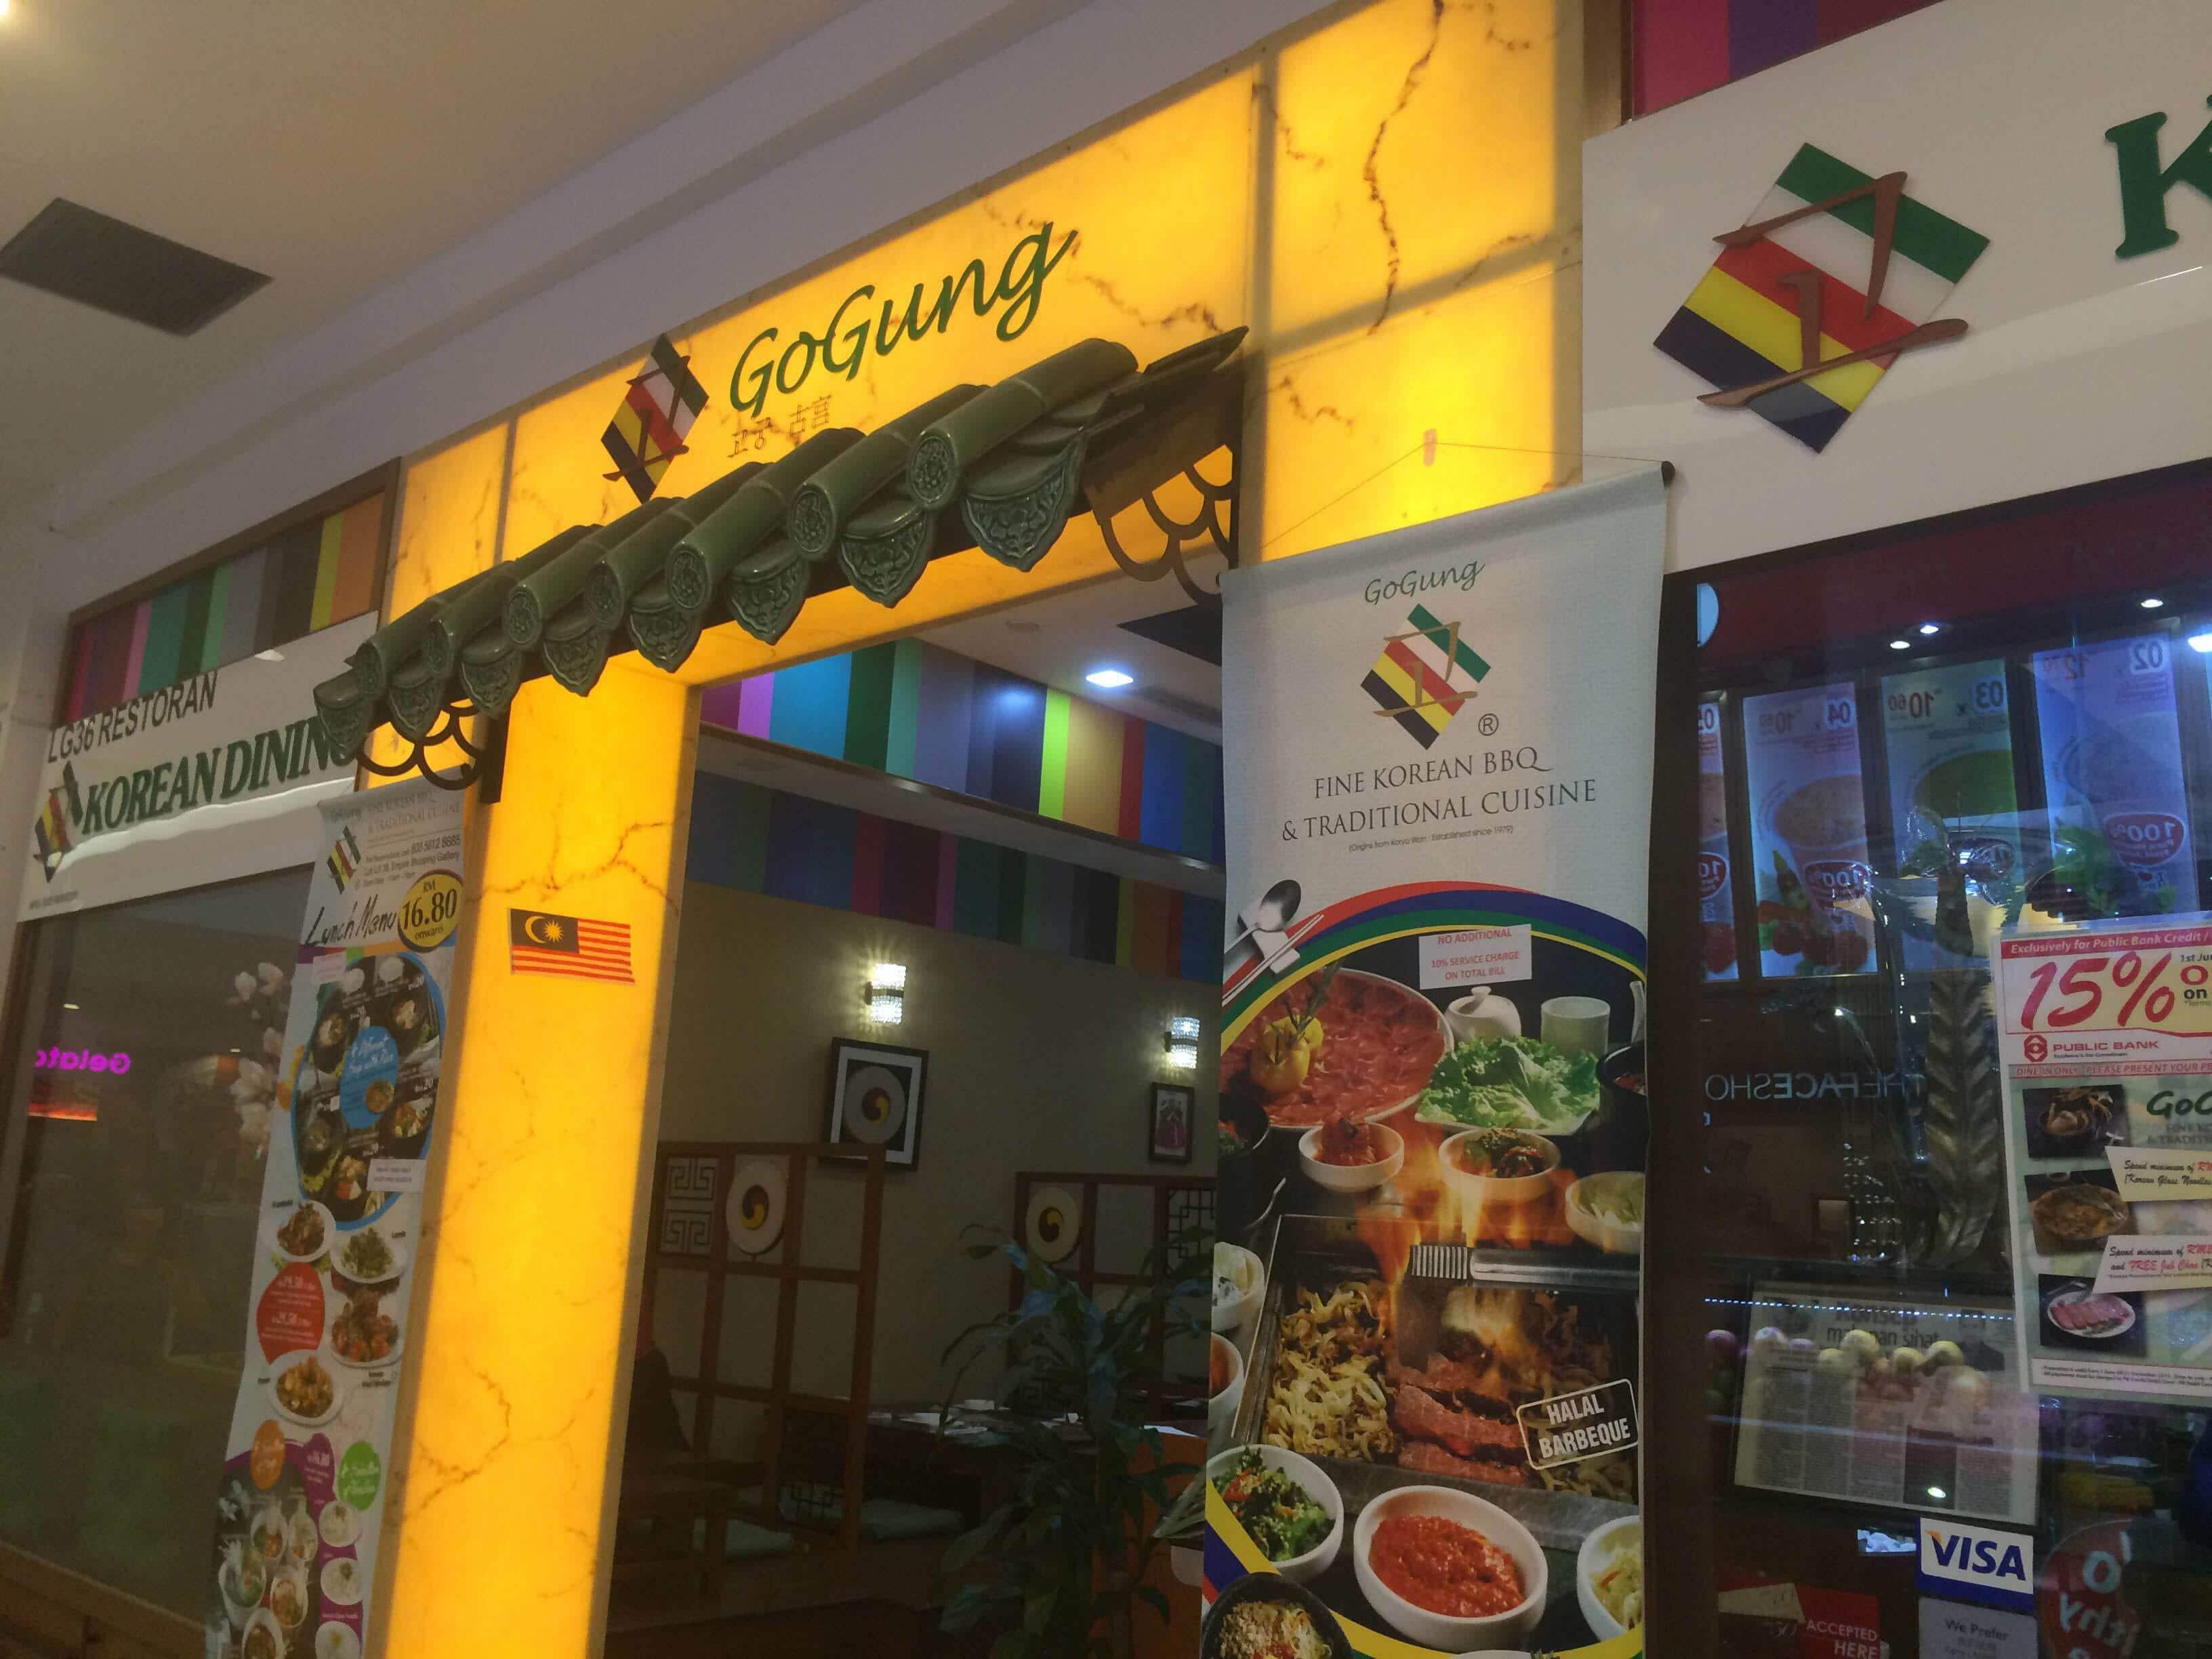 Kyspeaks Ky Eats Korean Bbq At Kangsane Restaurant Little Korea Ampang